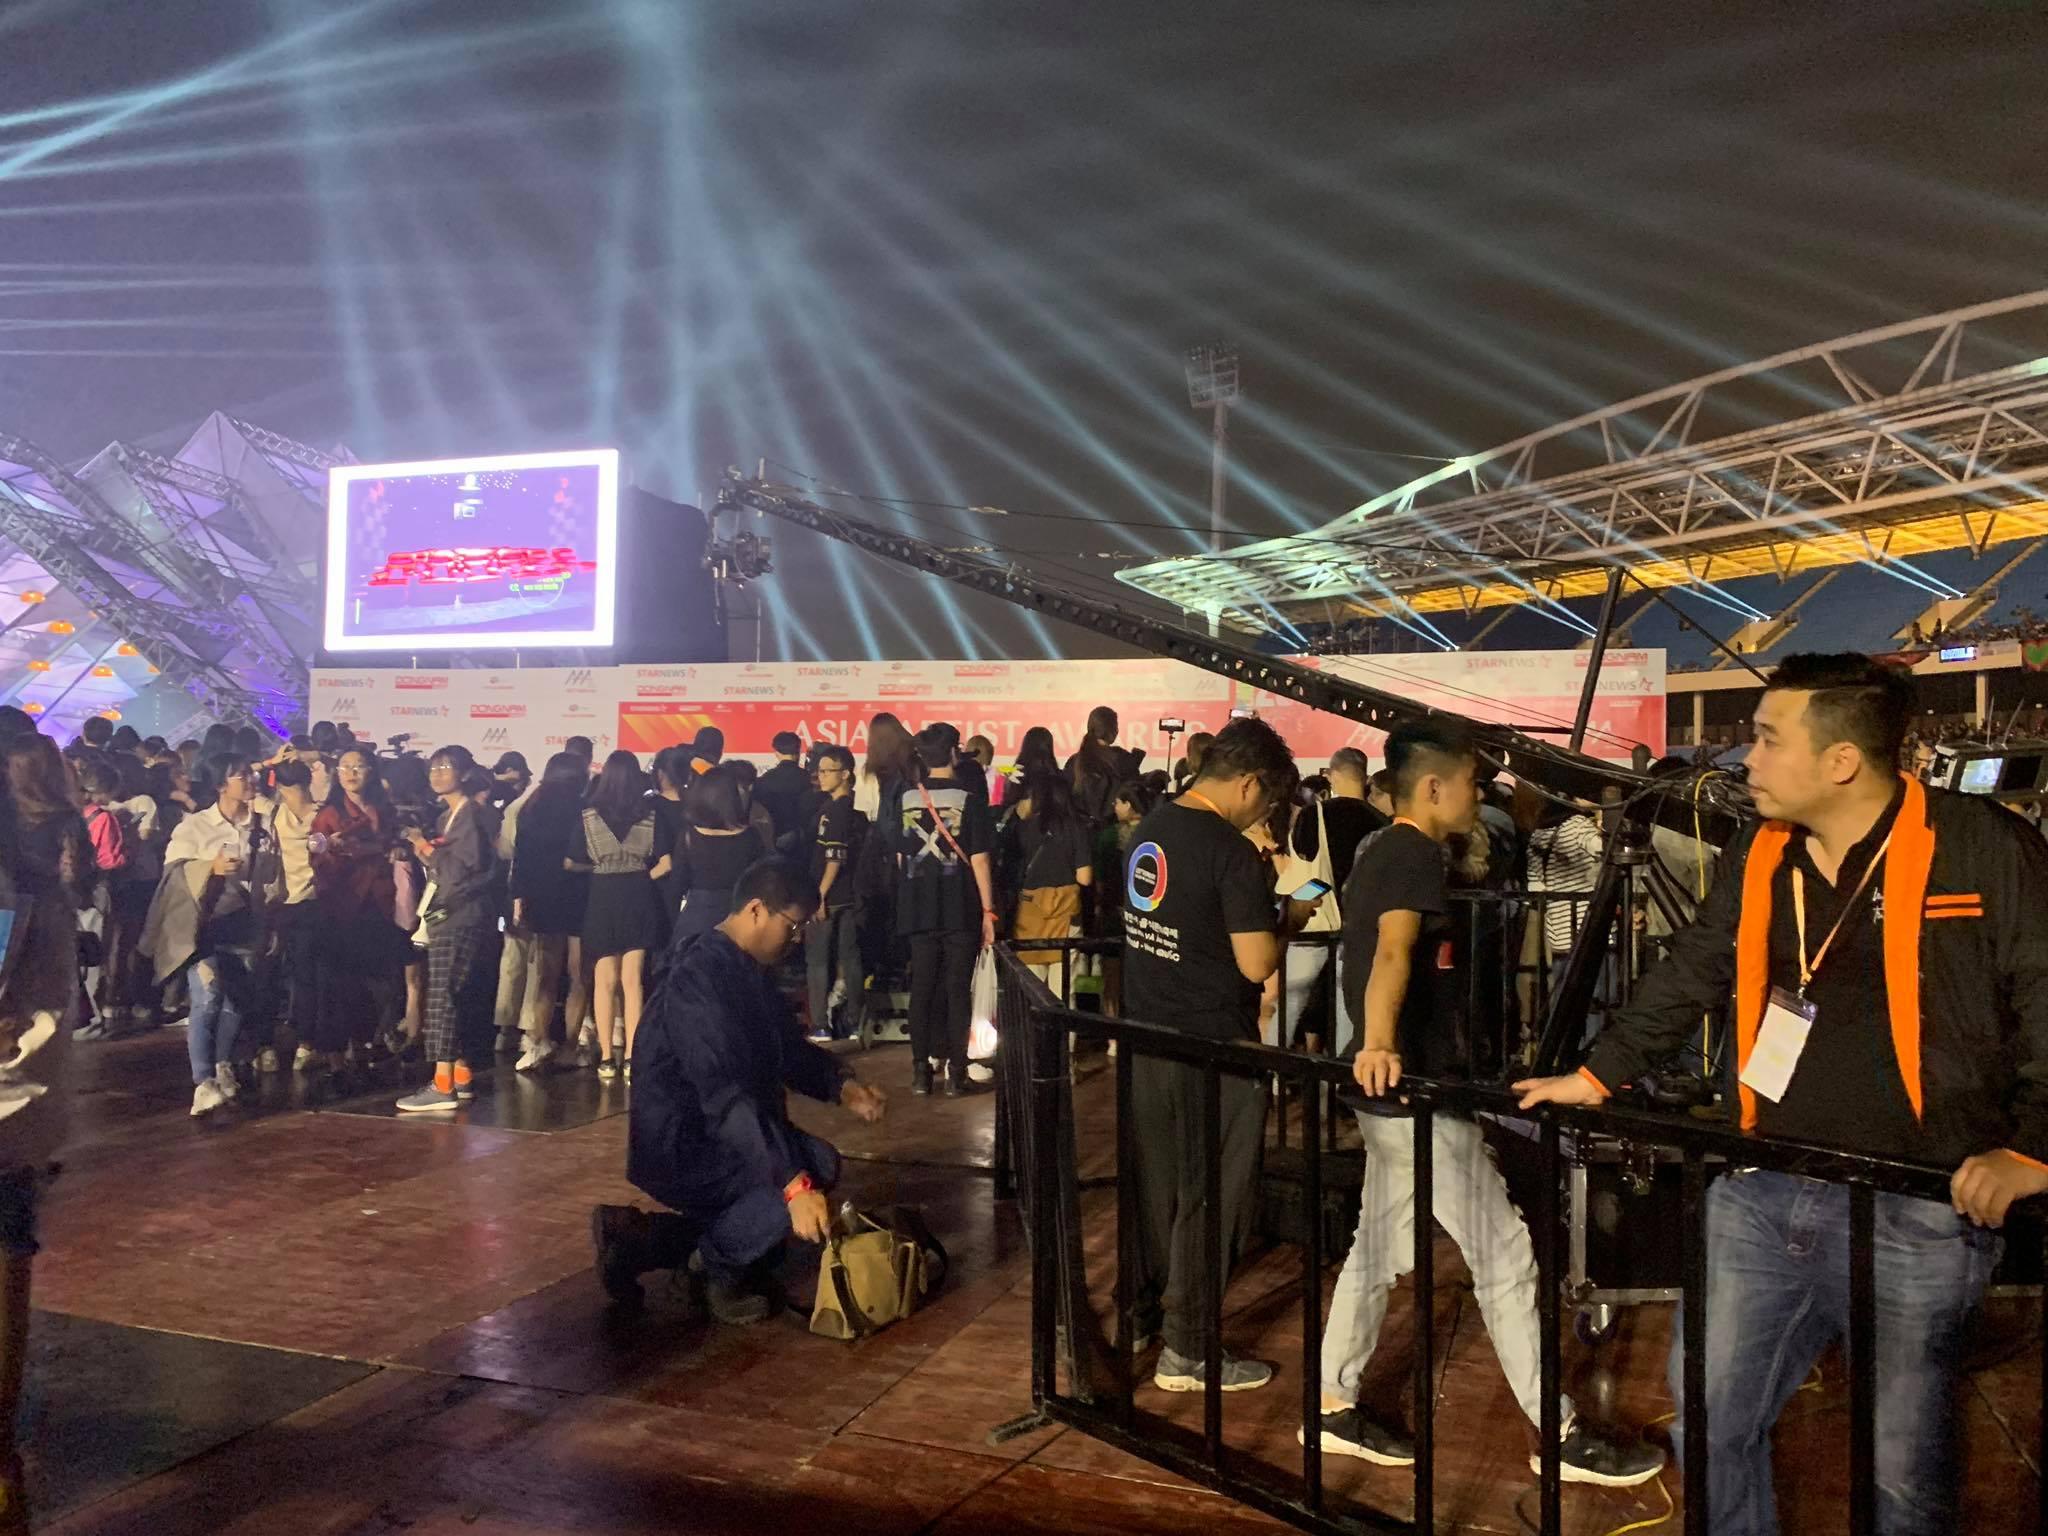 Khán giả AAA 2019 bức xúc khi phải đợi 8 tiếng, quản lý lộn xộn, mua hạng vé đắt nhất vẫn phải ngồi la liệt